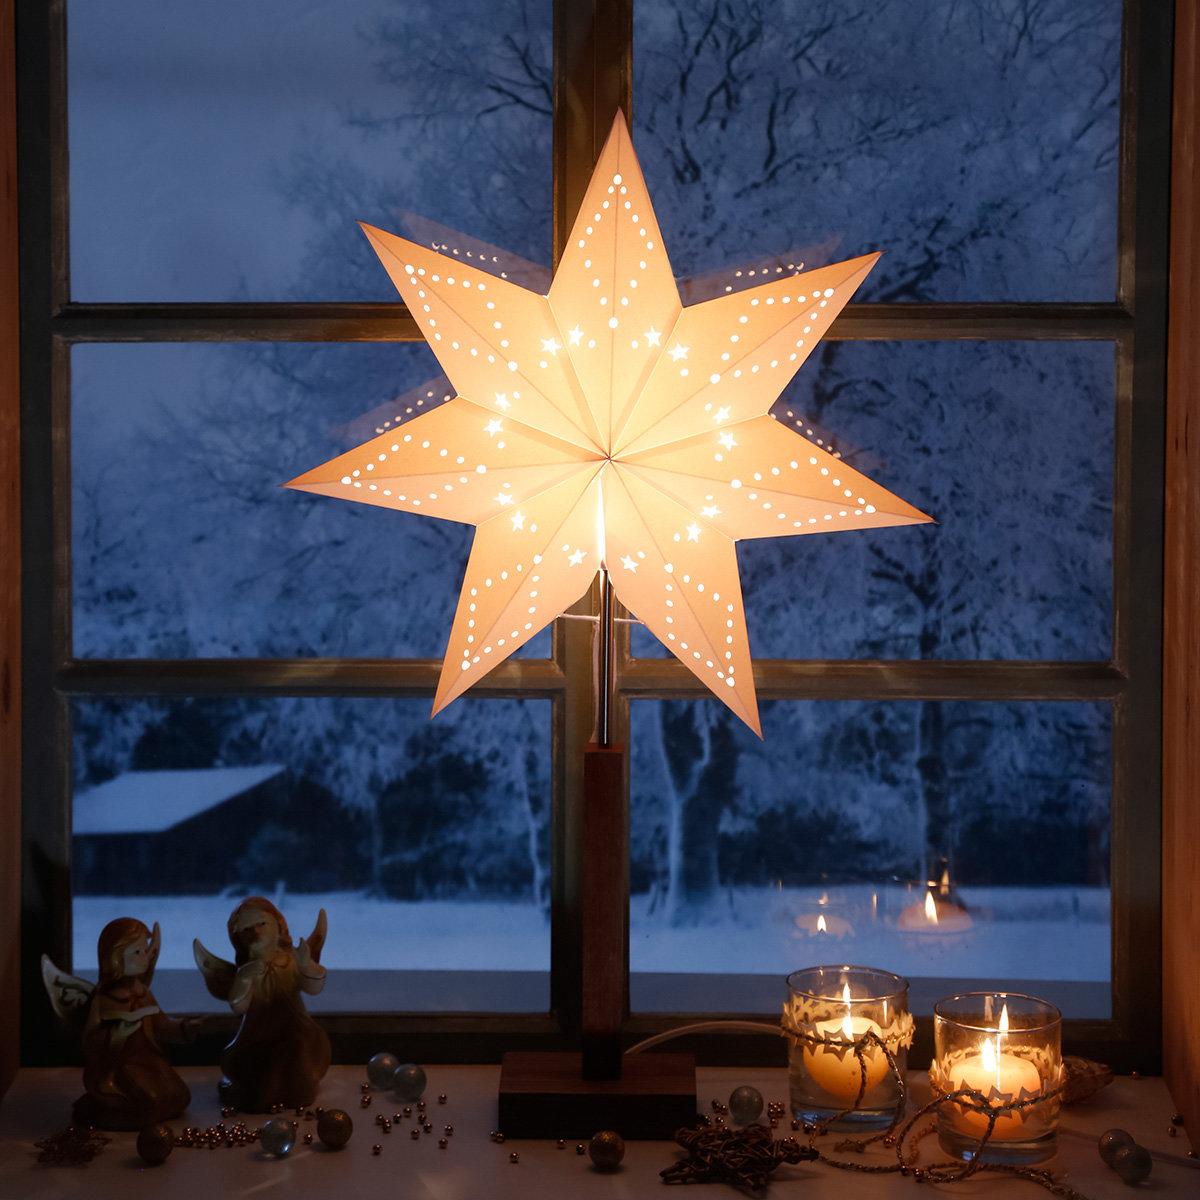 Standleuchte Winter Starlight, 70x43x15 cm, Holz und Papier, beige